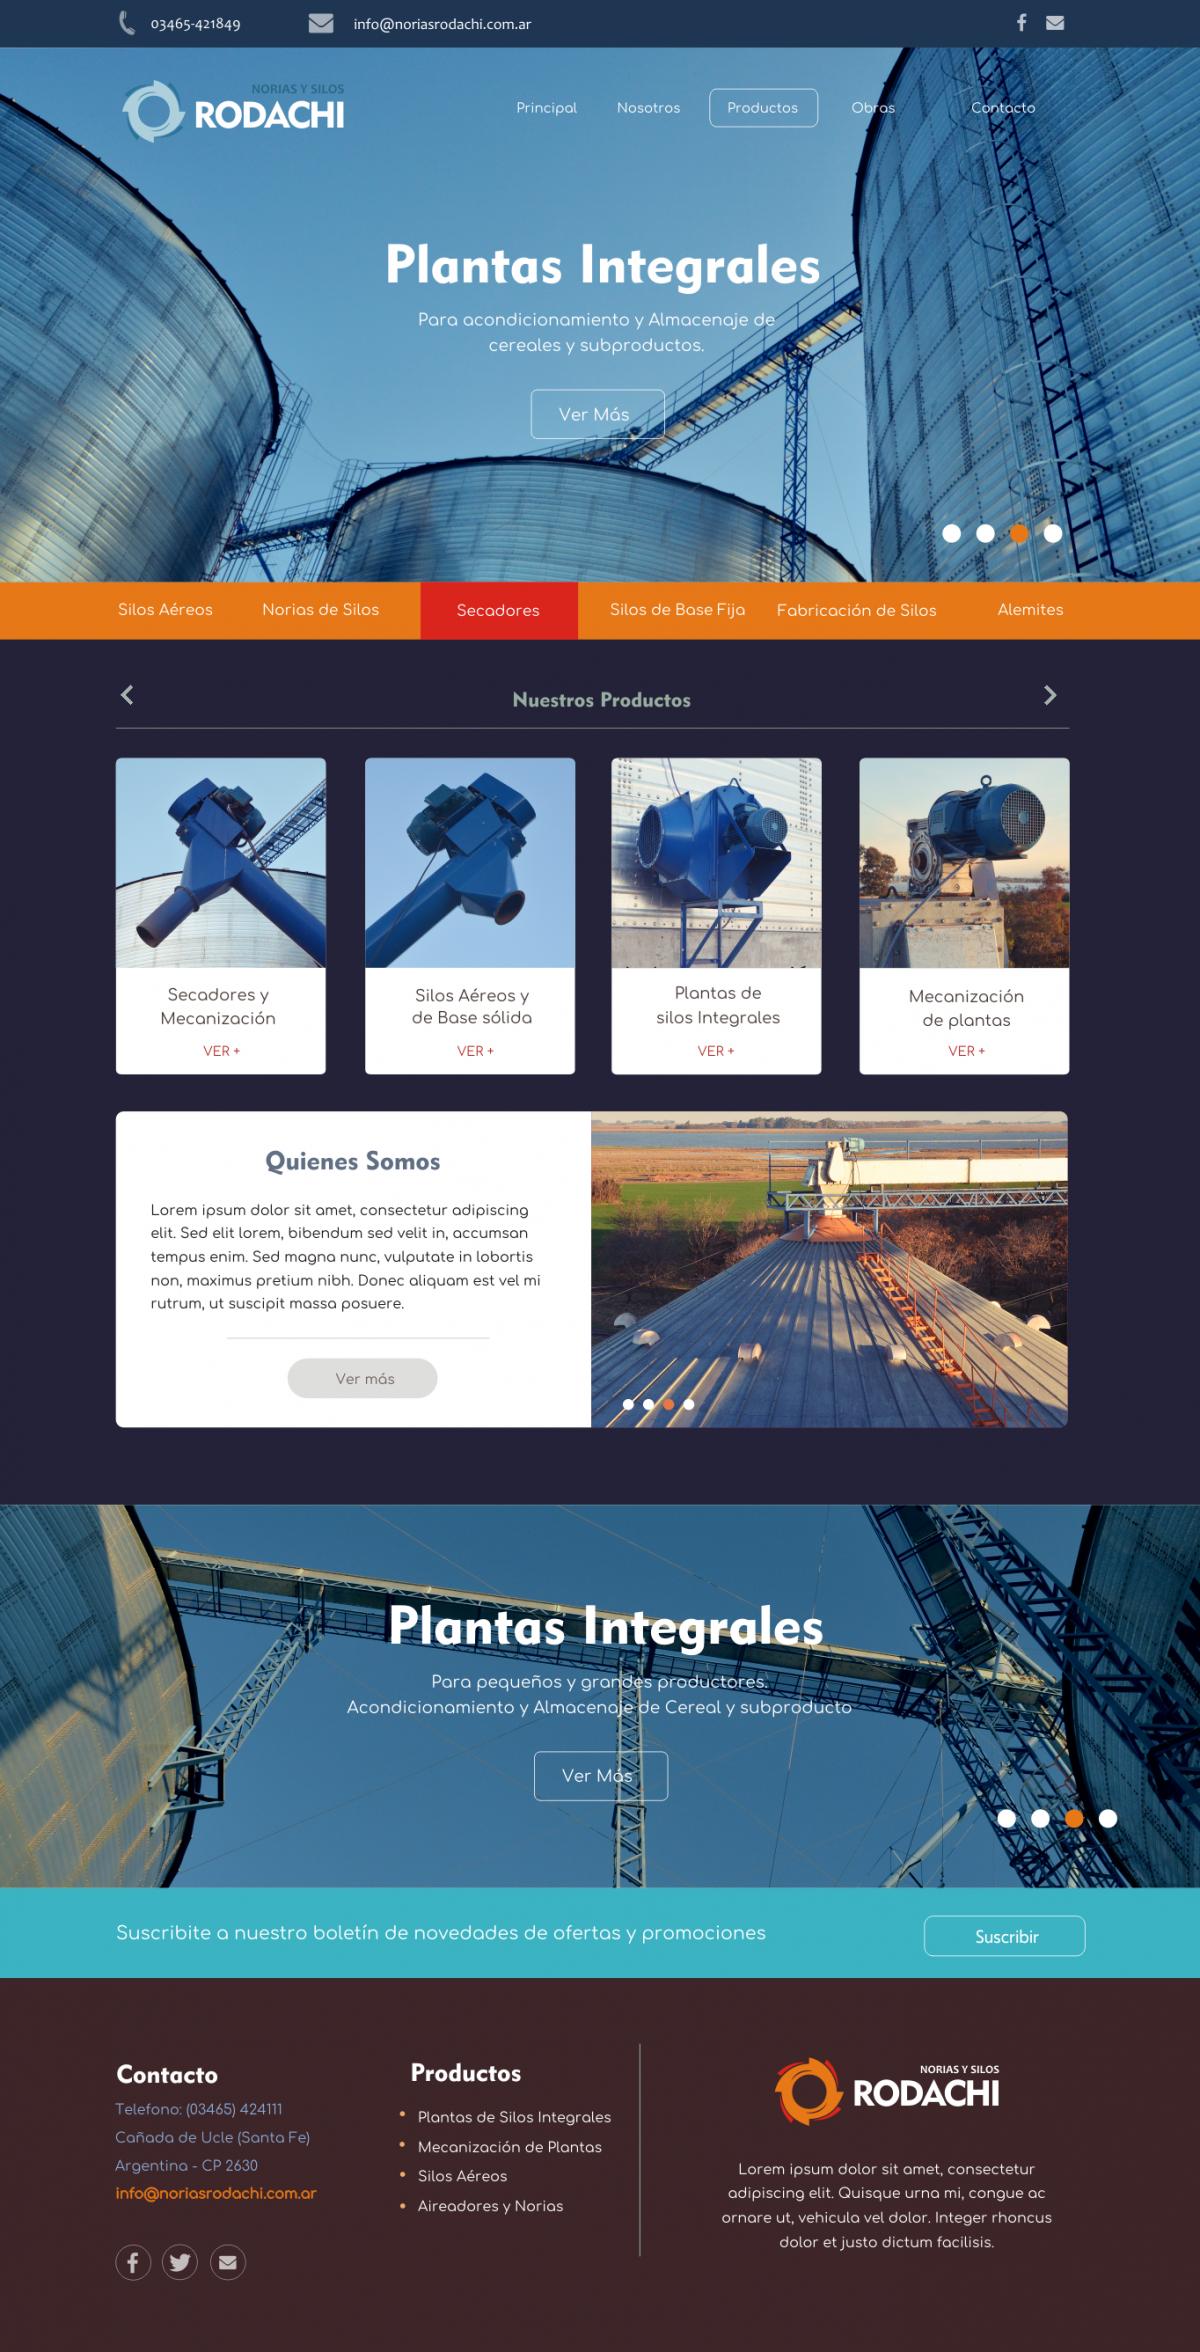 Diseño Web a Medida «RODACHI Norias y Silos»